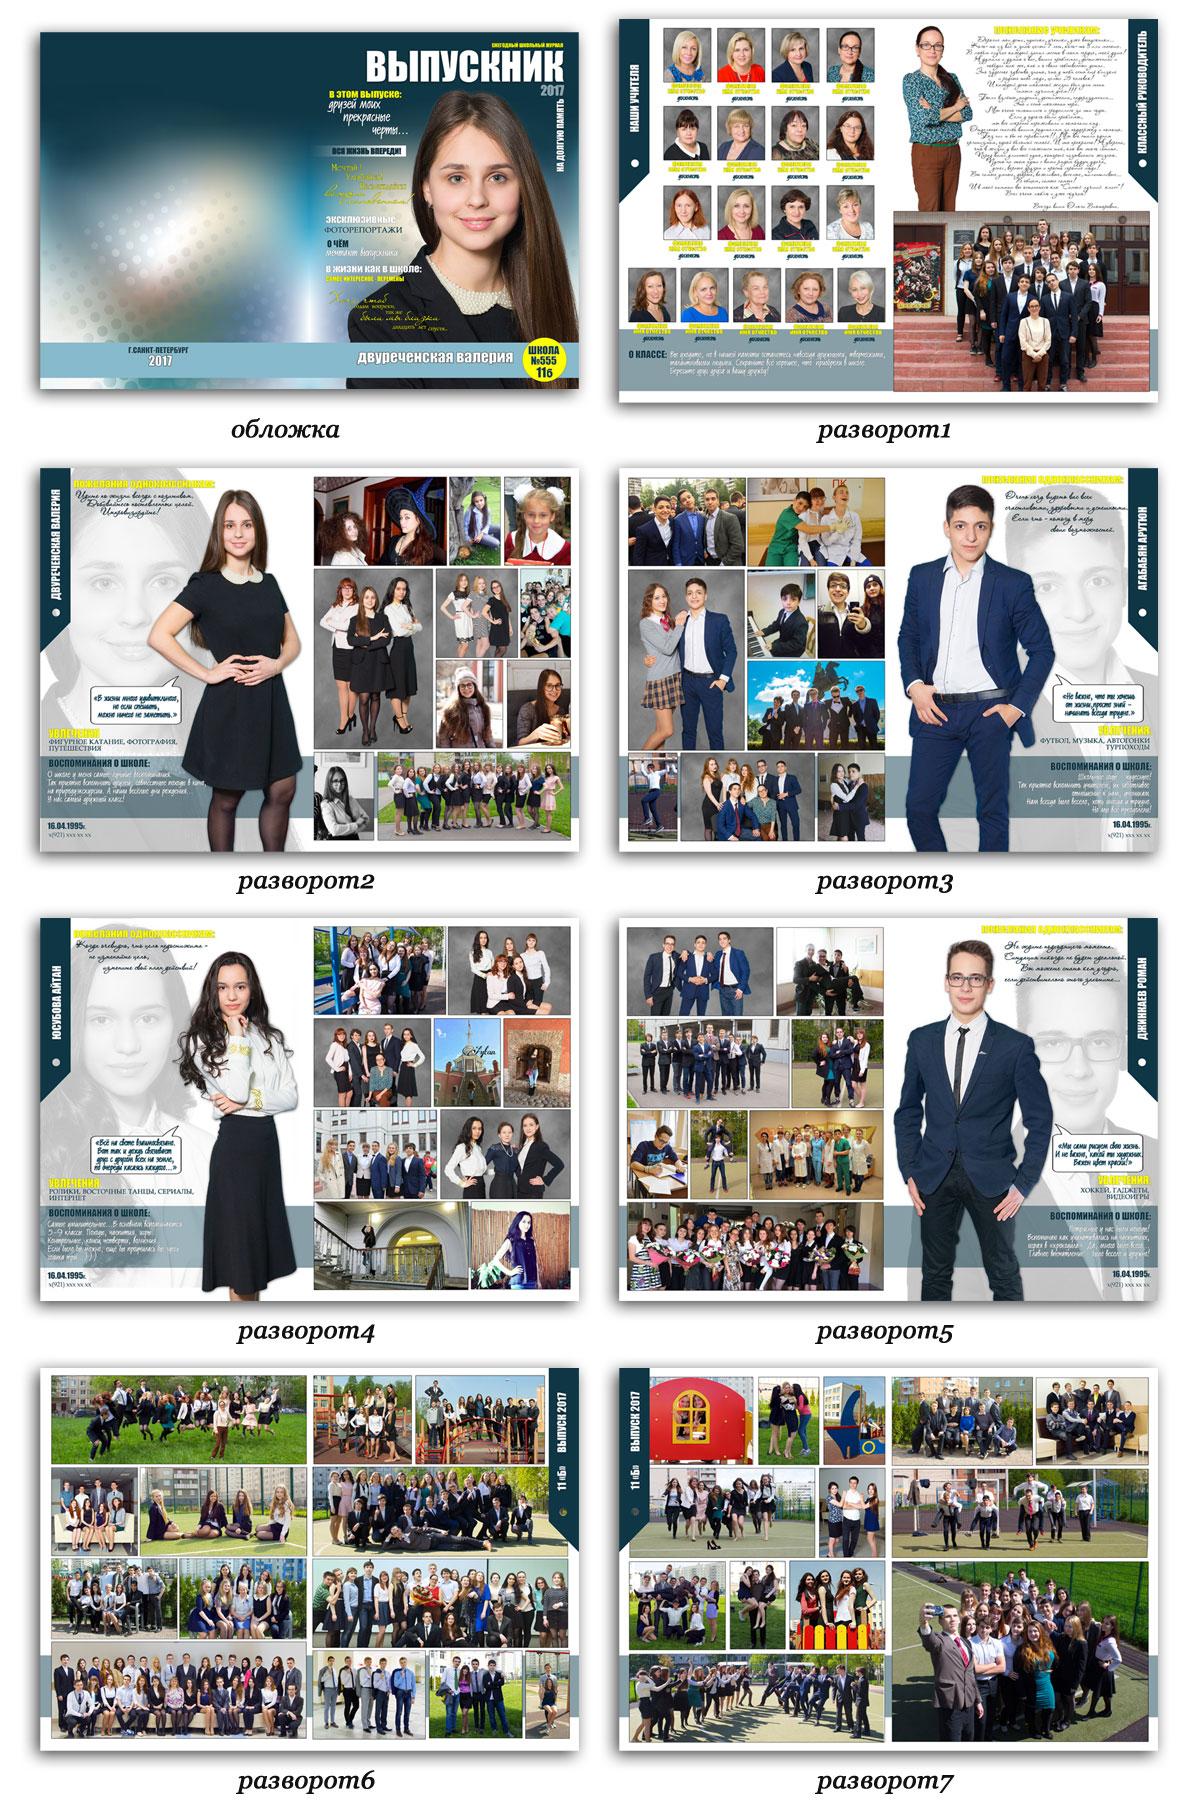 Дизайн разворотов страниц выпускного фотоальбома 9-11 класс «ЖУРНАЛ ВЫПУСКНИК»